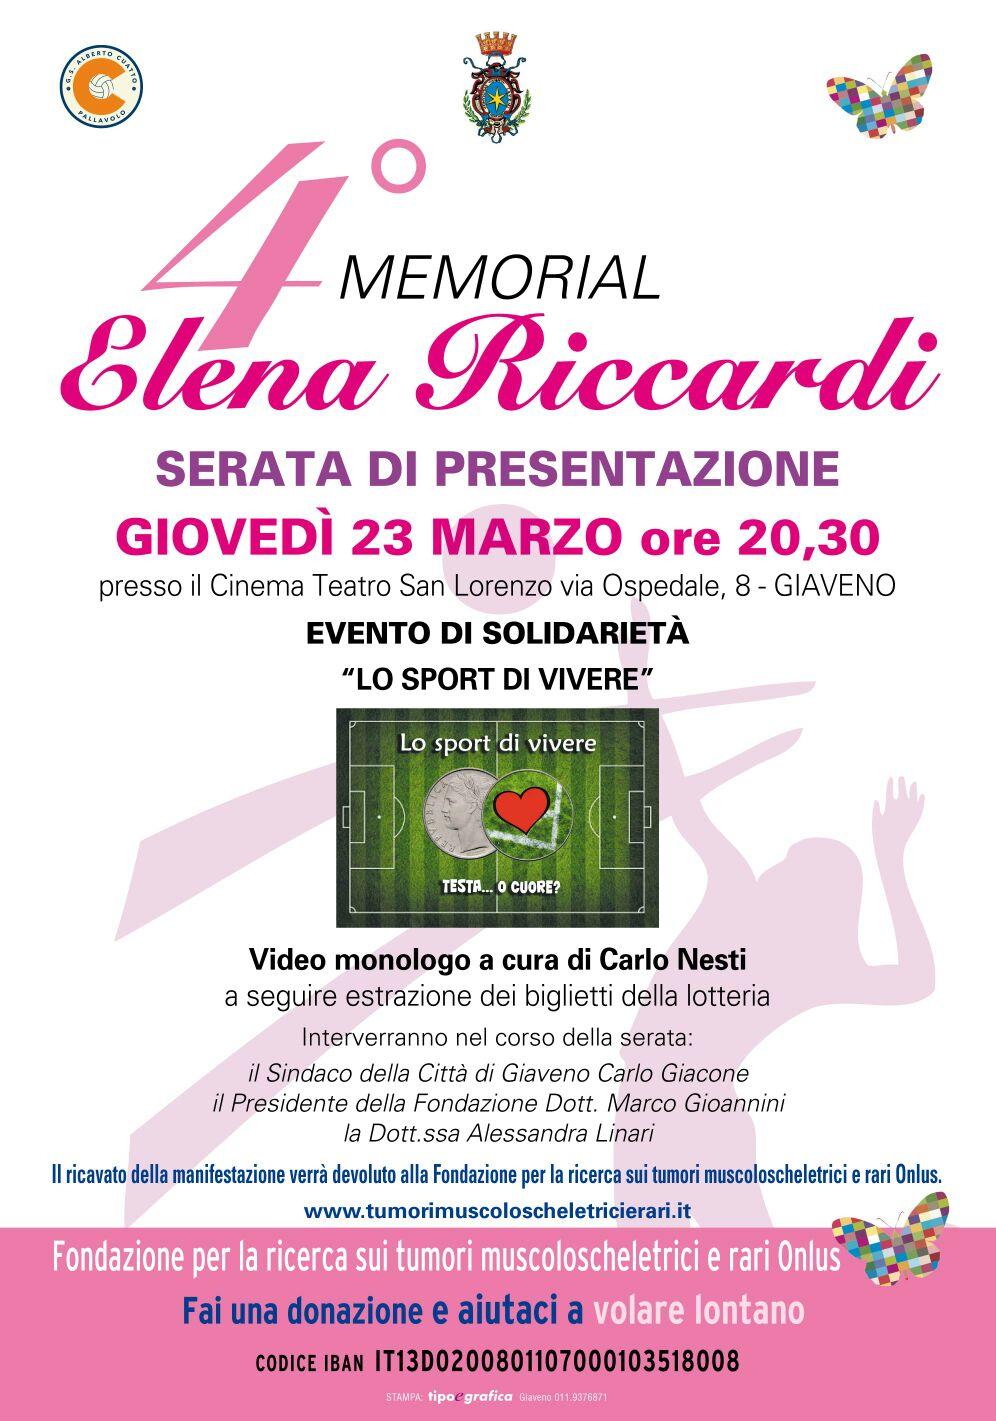 4° Memorial Elena Riccardi  23, 24 e 25 marzo 2017